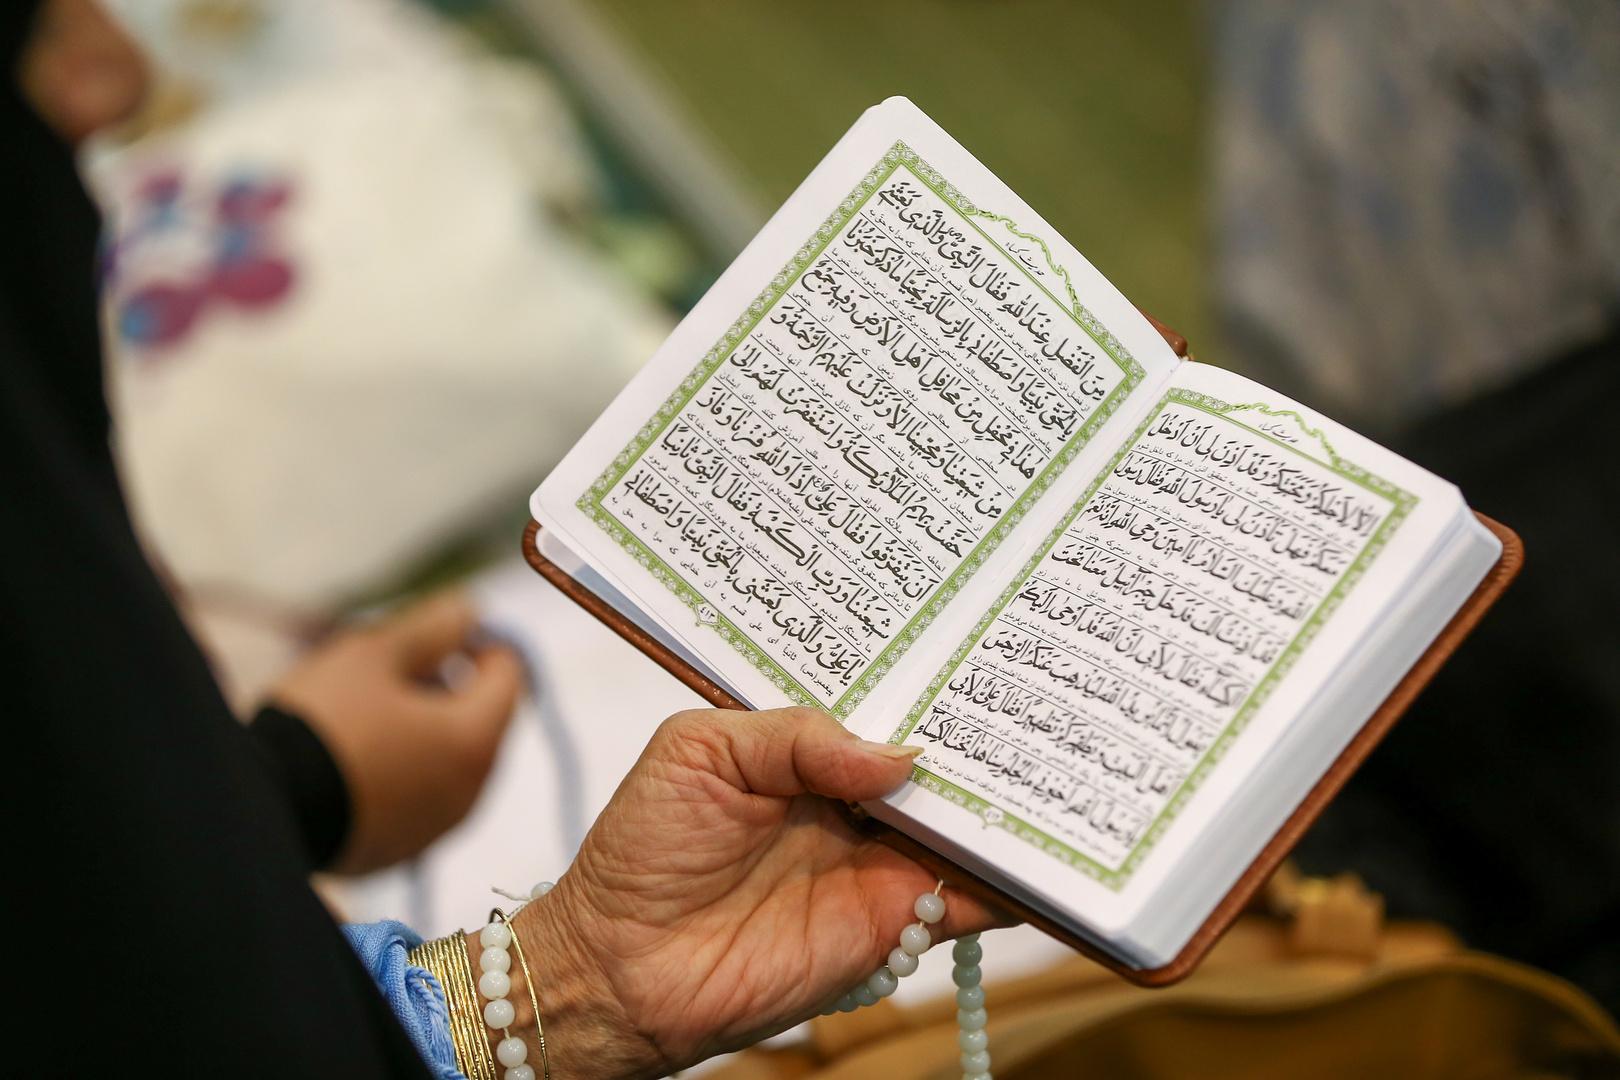 سوري يخط نسخة عملاقة من القرآن الكريم بأدوات بسيطة (صورة)